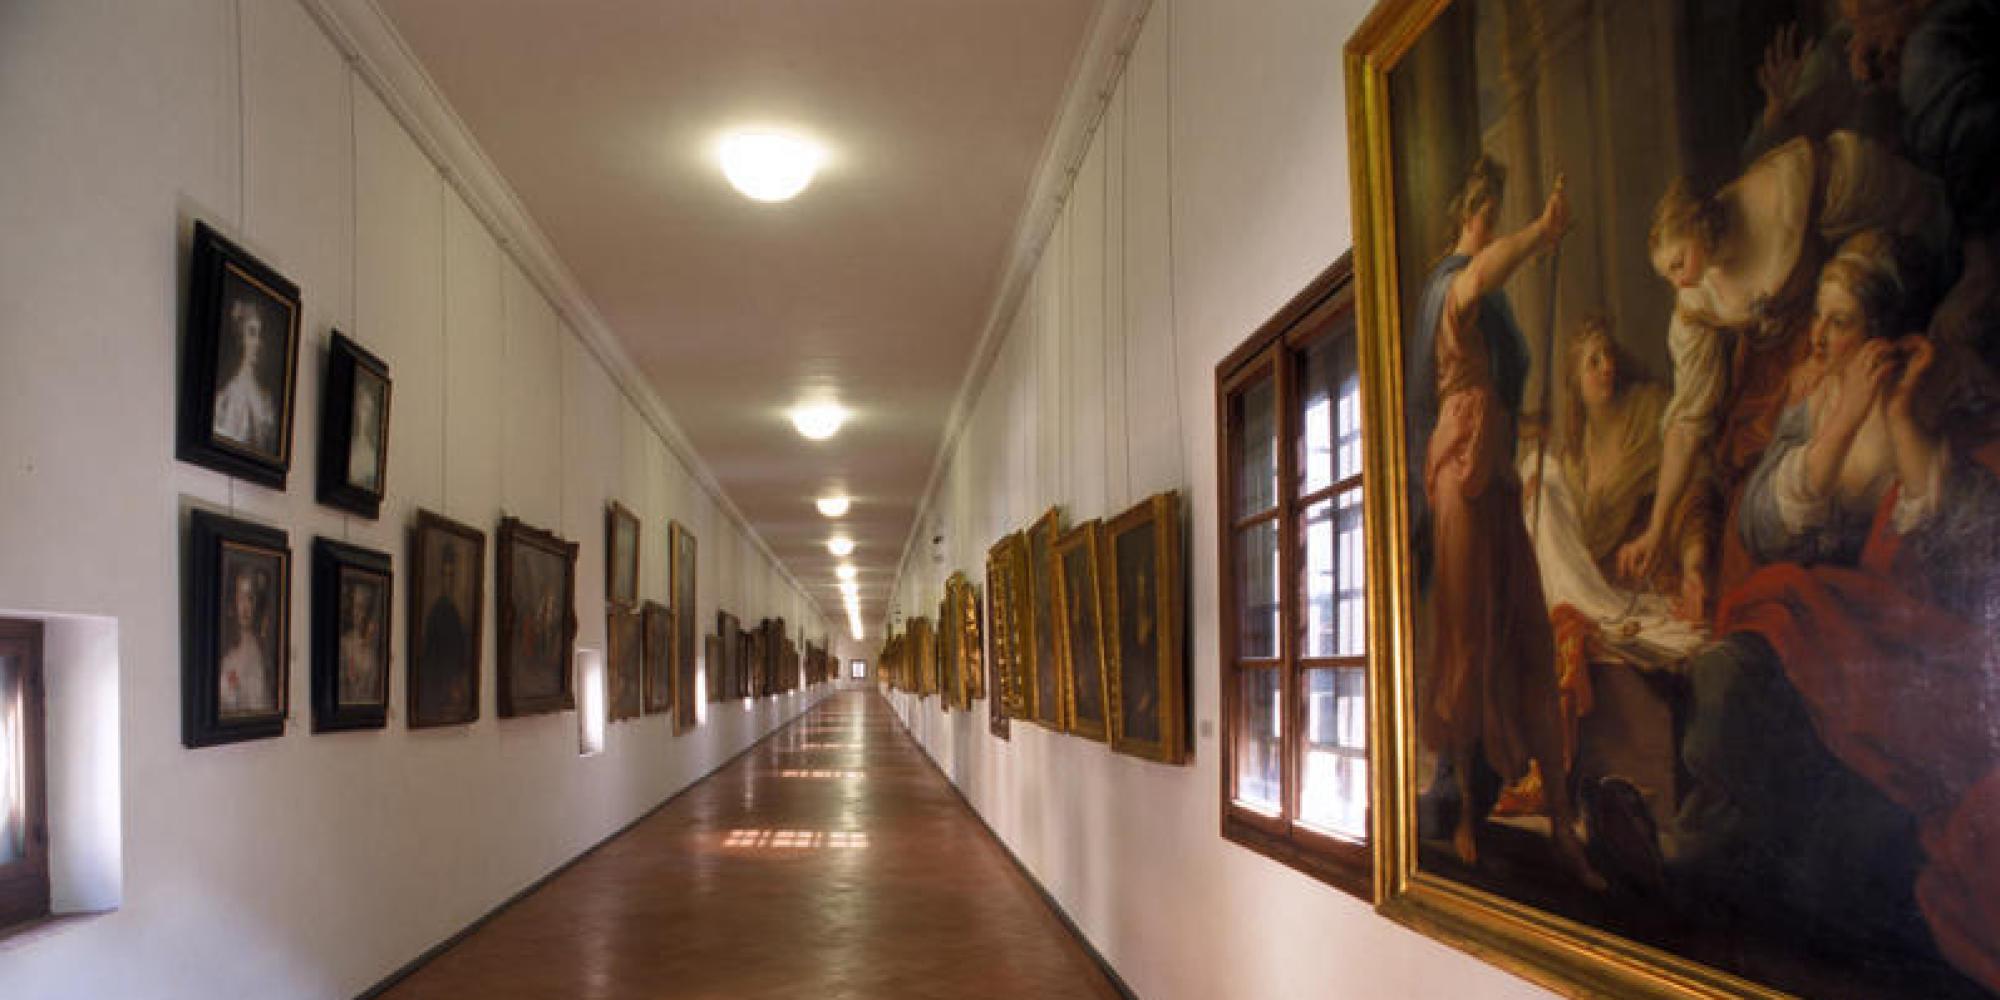 Corridoio Vasariano: cosa penso della decisione di spostare ...